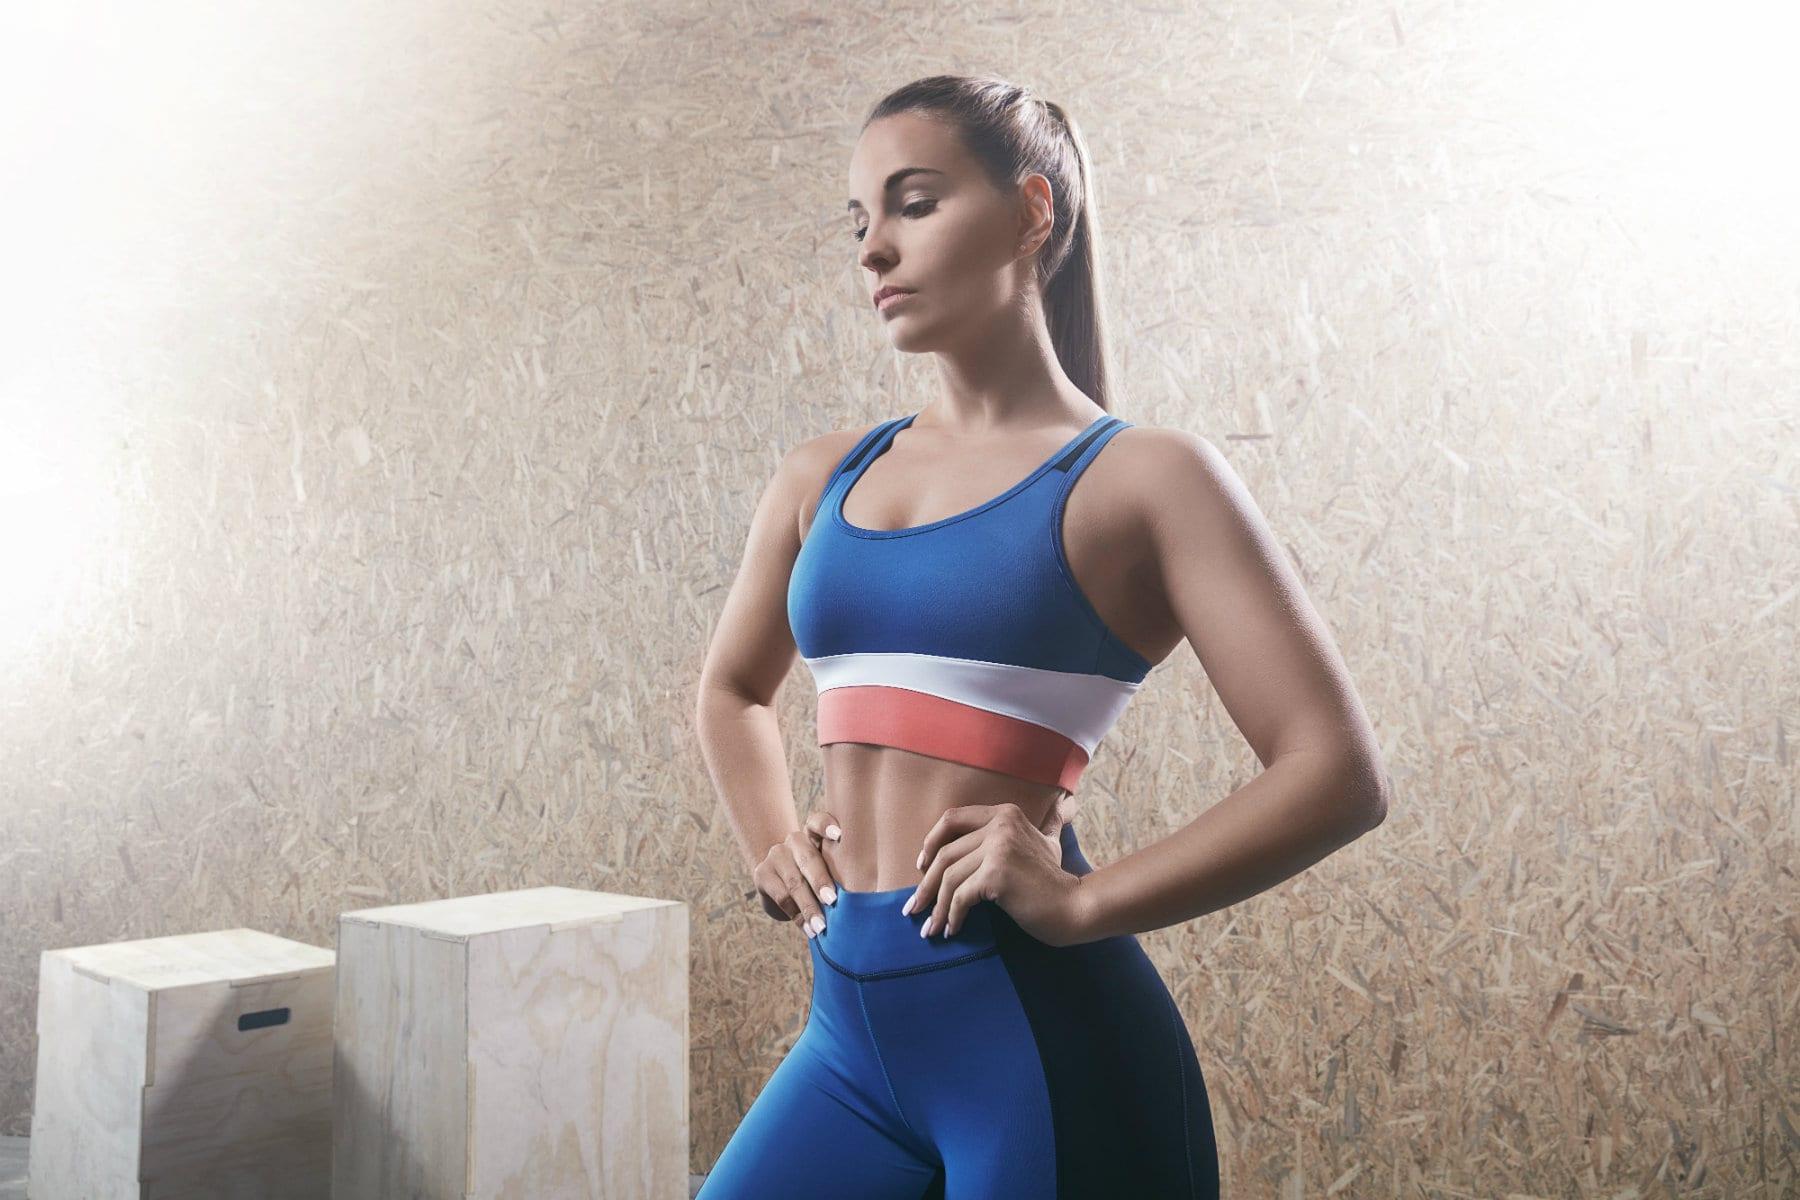 Как привести себя в форму? I 7 советов легких тренировок